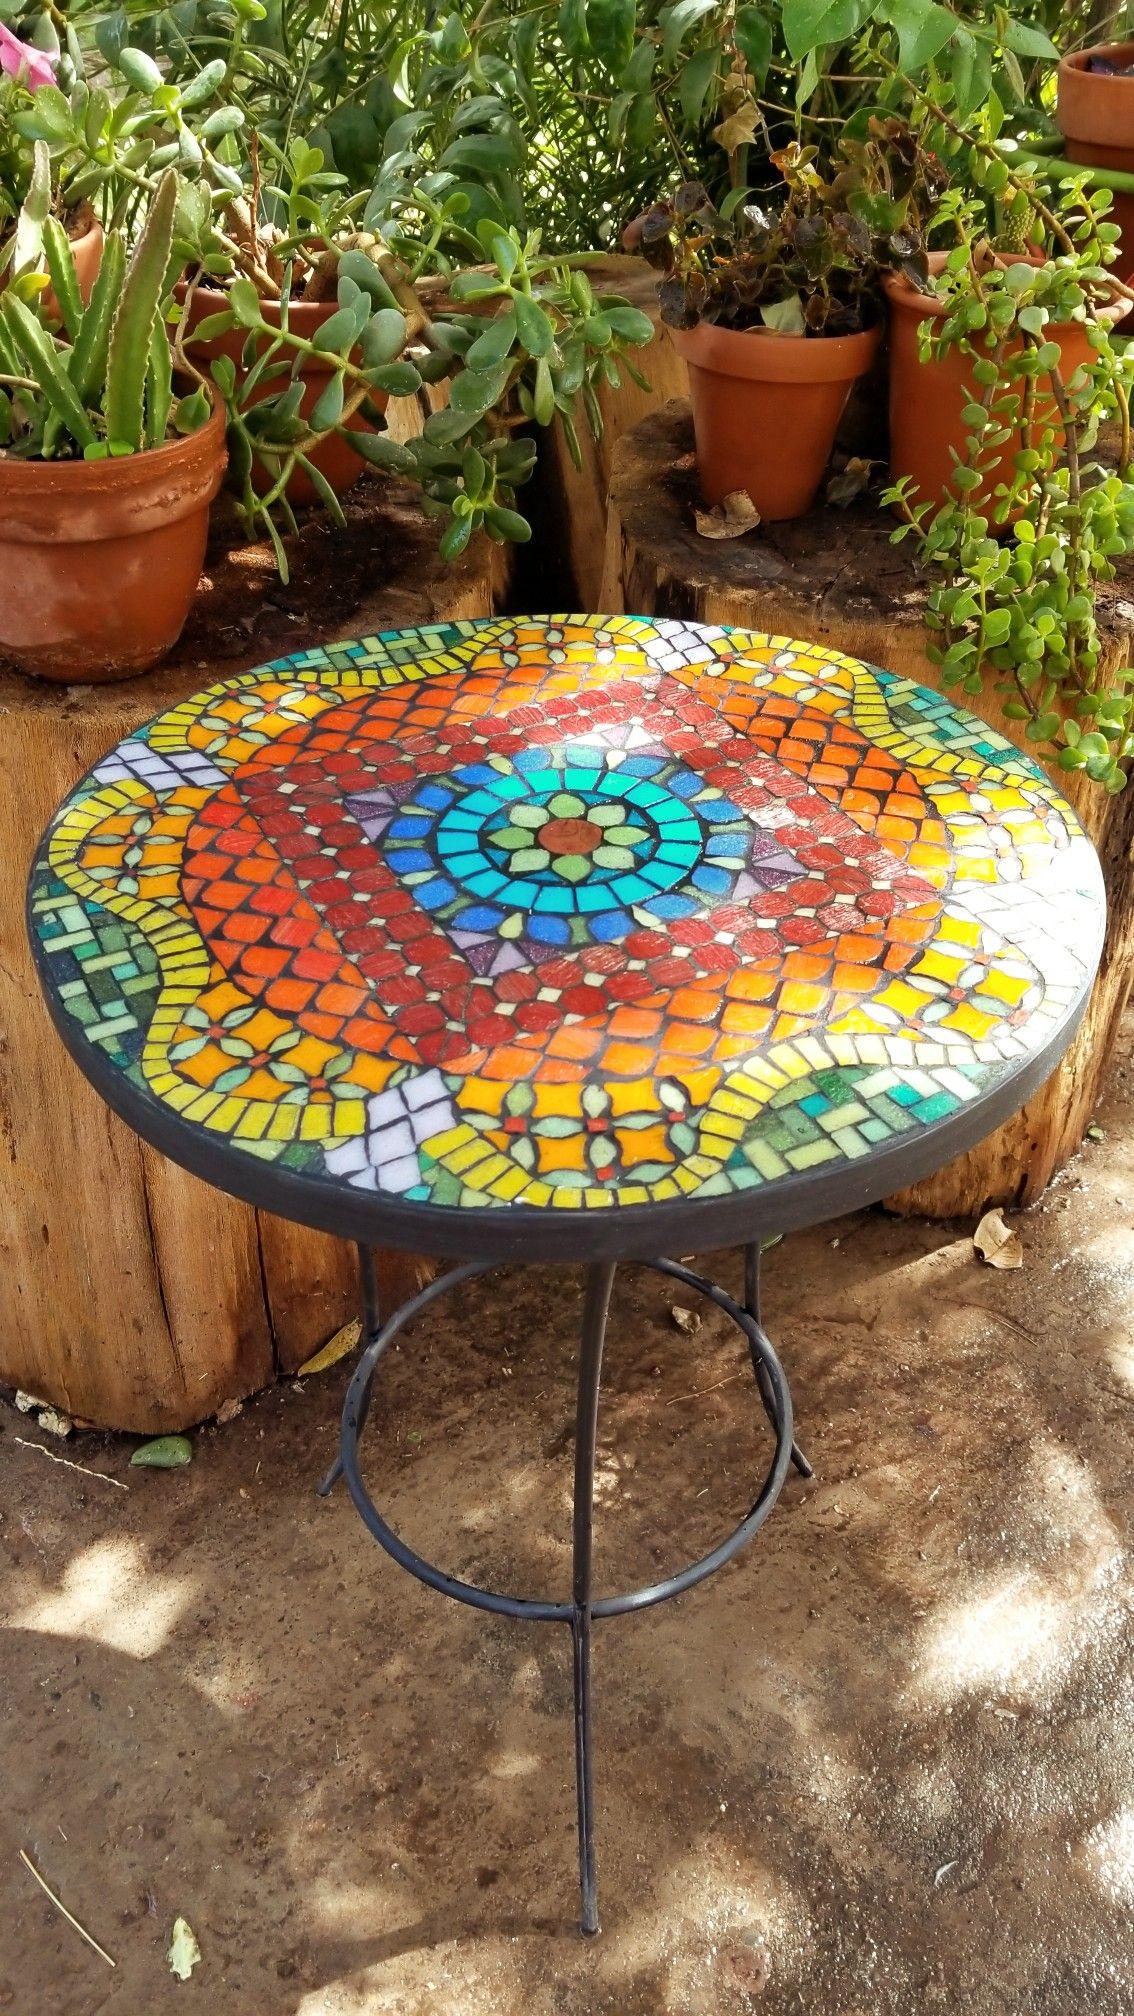 Mosaico mesa jardin colores mosaiquismo mandala for Mesa mosaico jardin